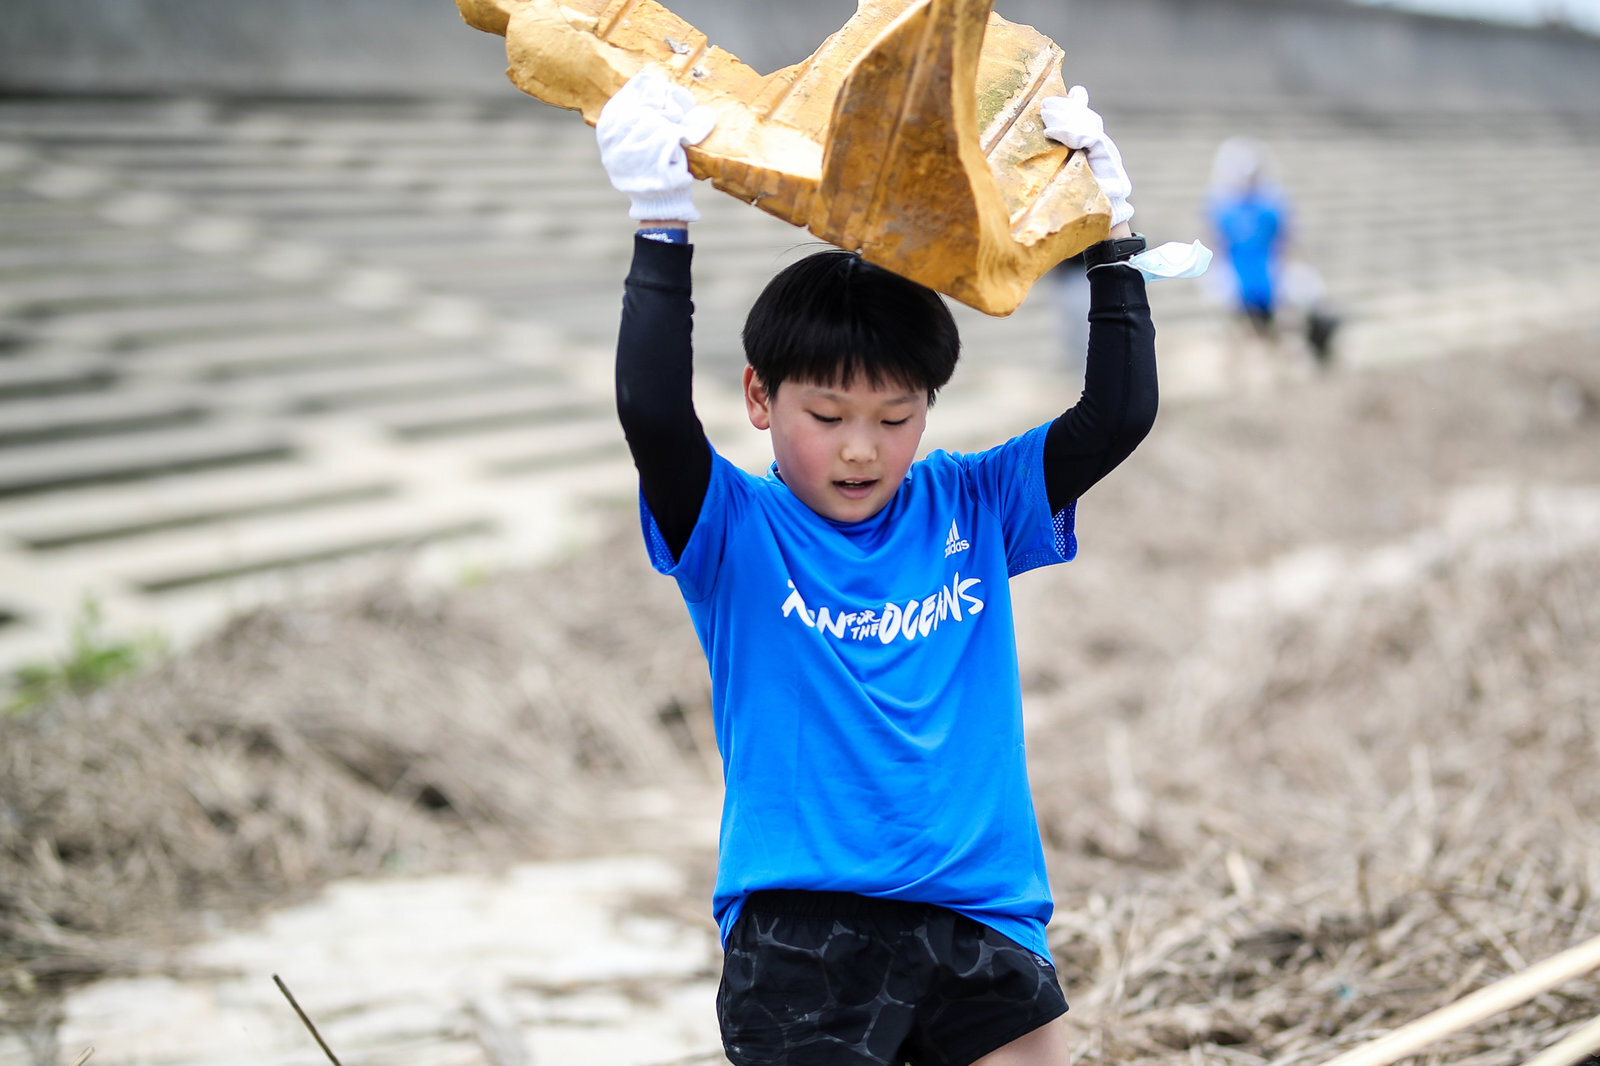 穿着蓝色运动服的小孩  描述已自动生成